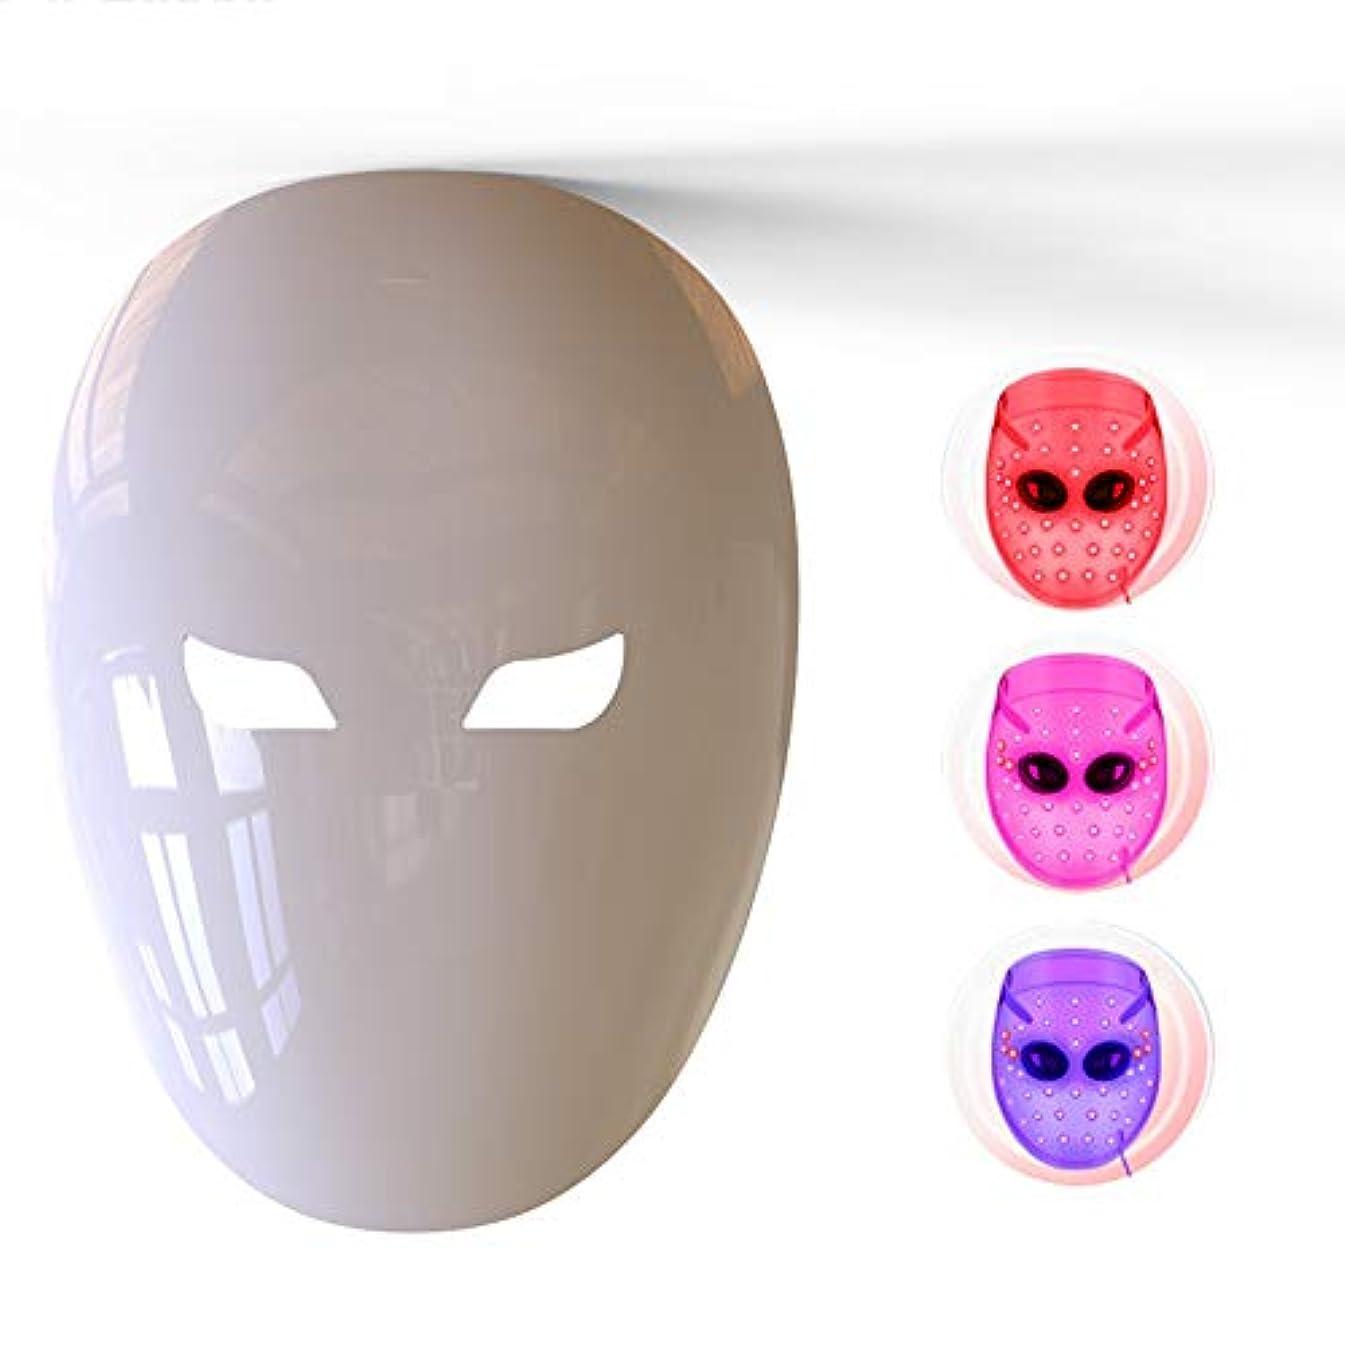 ペストリー専門化するキネマティクスフェイスマスク、4色LEDの若返り、健康な肌の若返りのためのにきび、アンチエイジング、しわ、瘢痕化、肌の引き締め